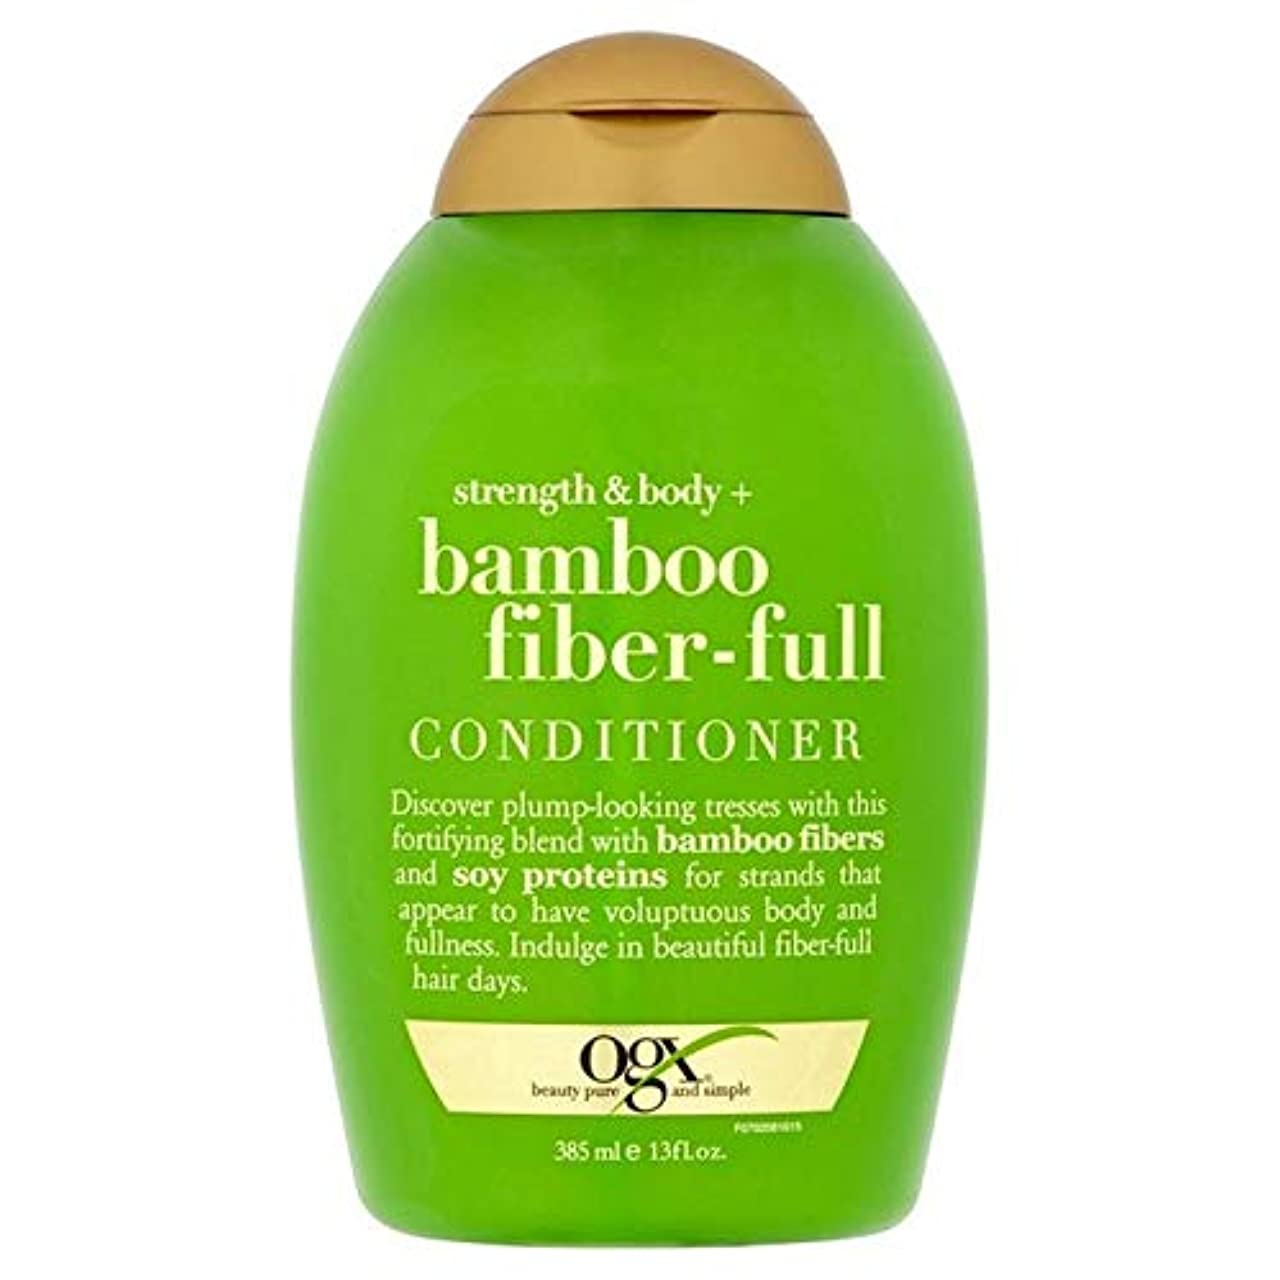 感謝祭地獄牧草地[Ogx] Ogx竹繊維フルコンディショナー385ミリリットル - OGX Bamboo Fiber-Full Conditioner 385ml [並行輸入品]